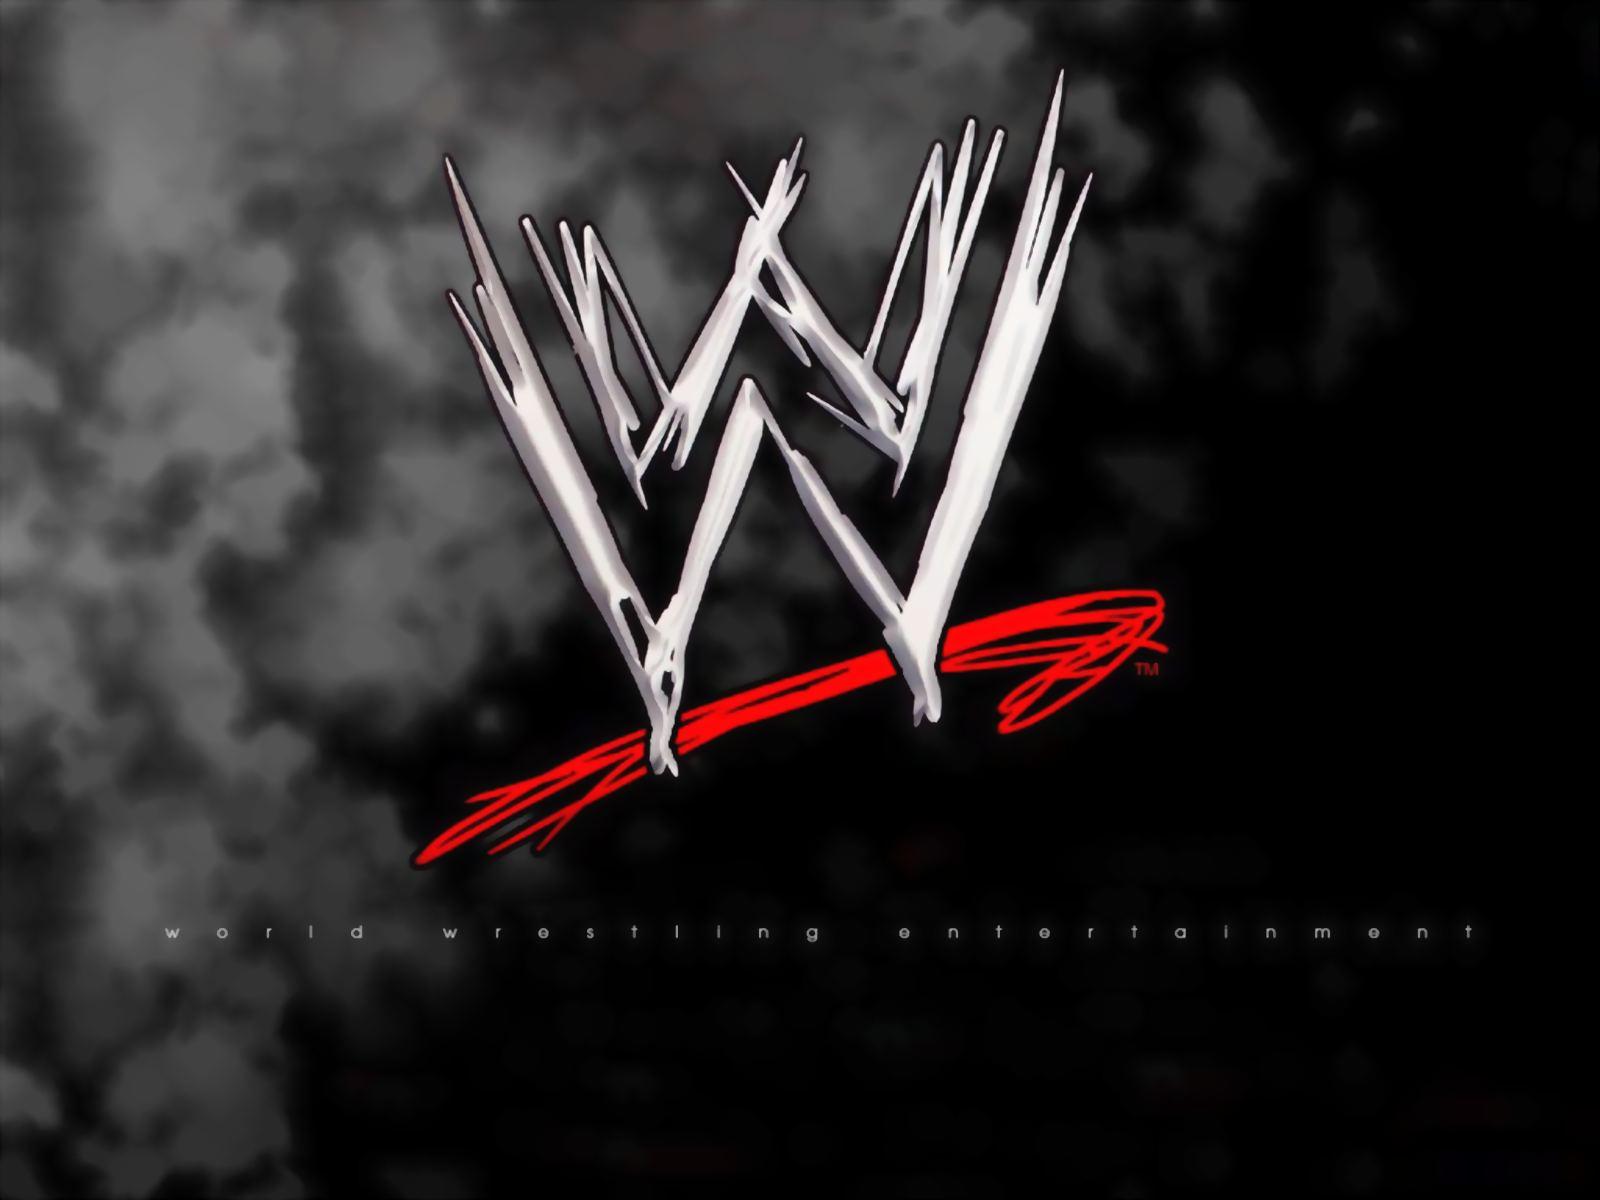 http://4.bp.blogspot.com/-CUxK-w8fx-Q/UEHsrX1_UpI/AAAAAAAADXQ/heXLatXR50Q/s1600/WWE-Wallpapers-14.JPG